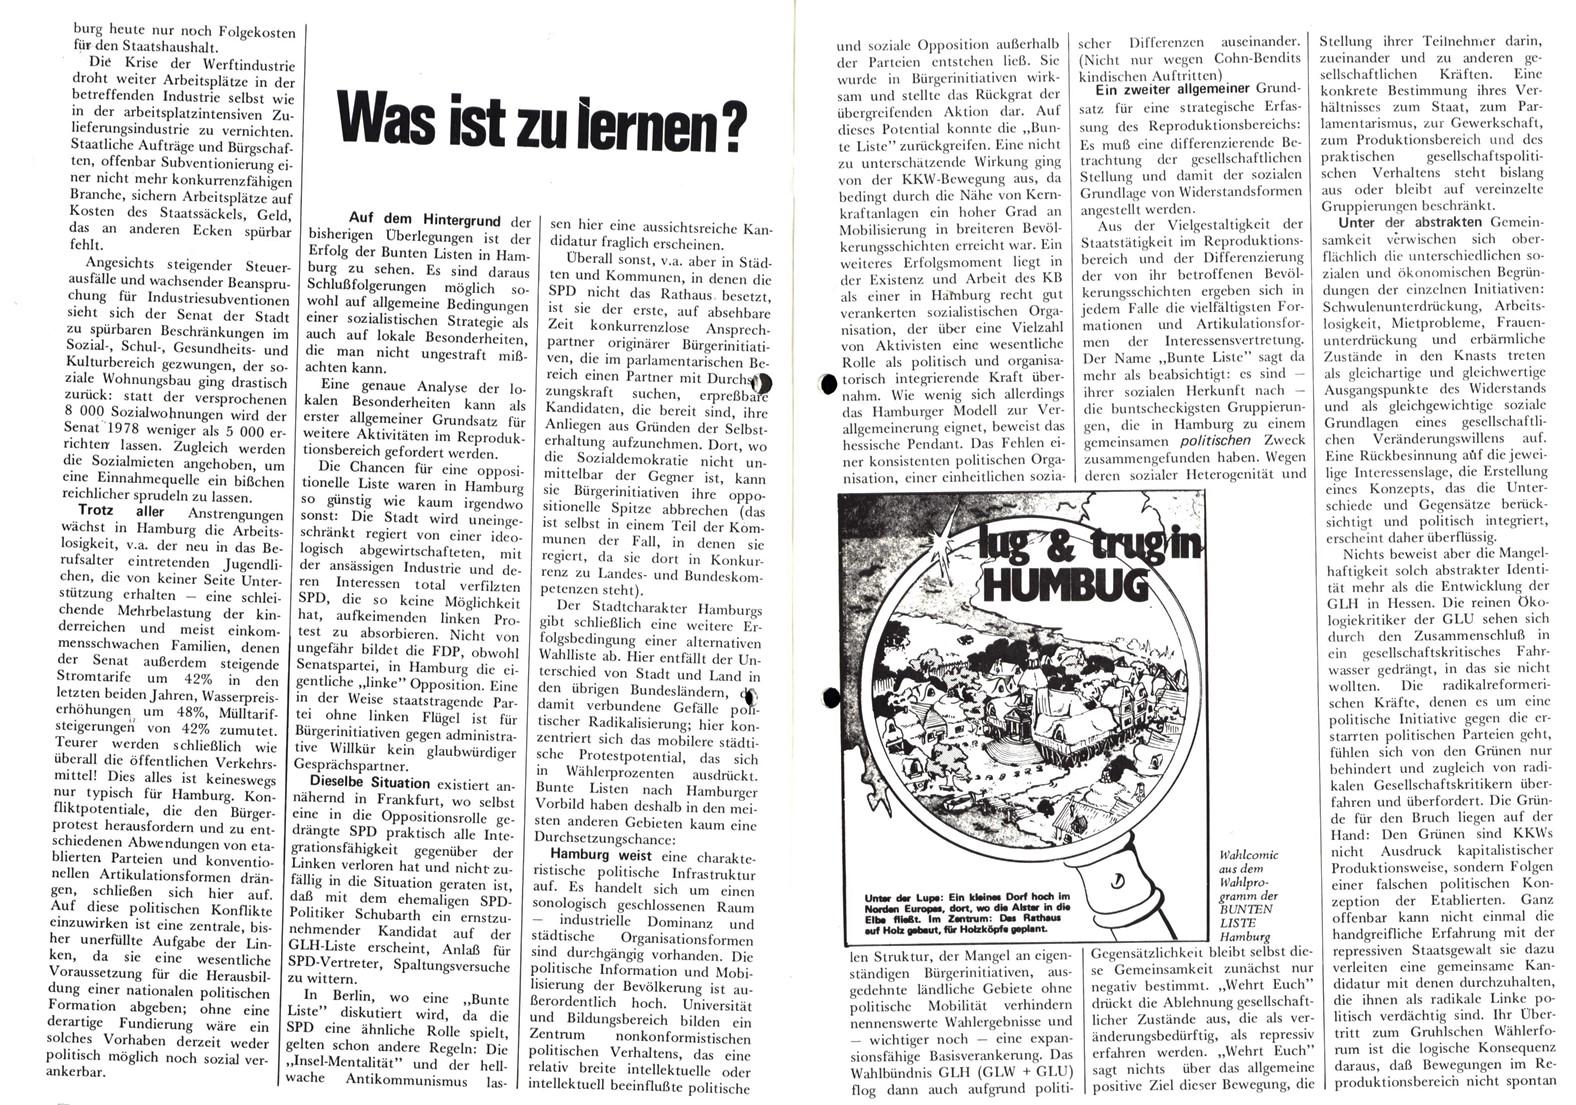 Bonn_RZ_17_19780900_10